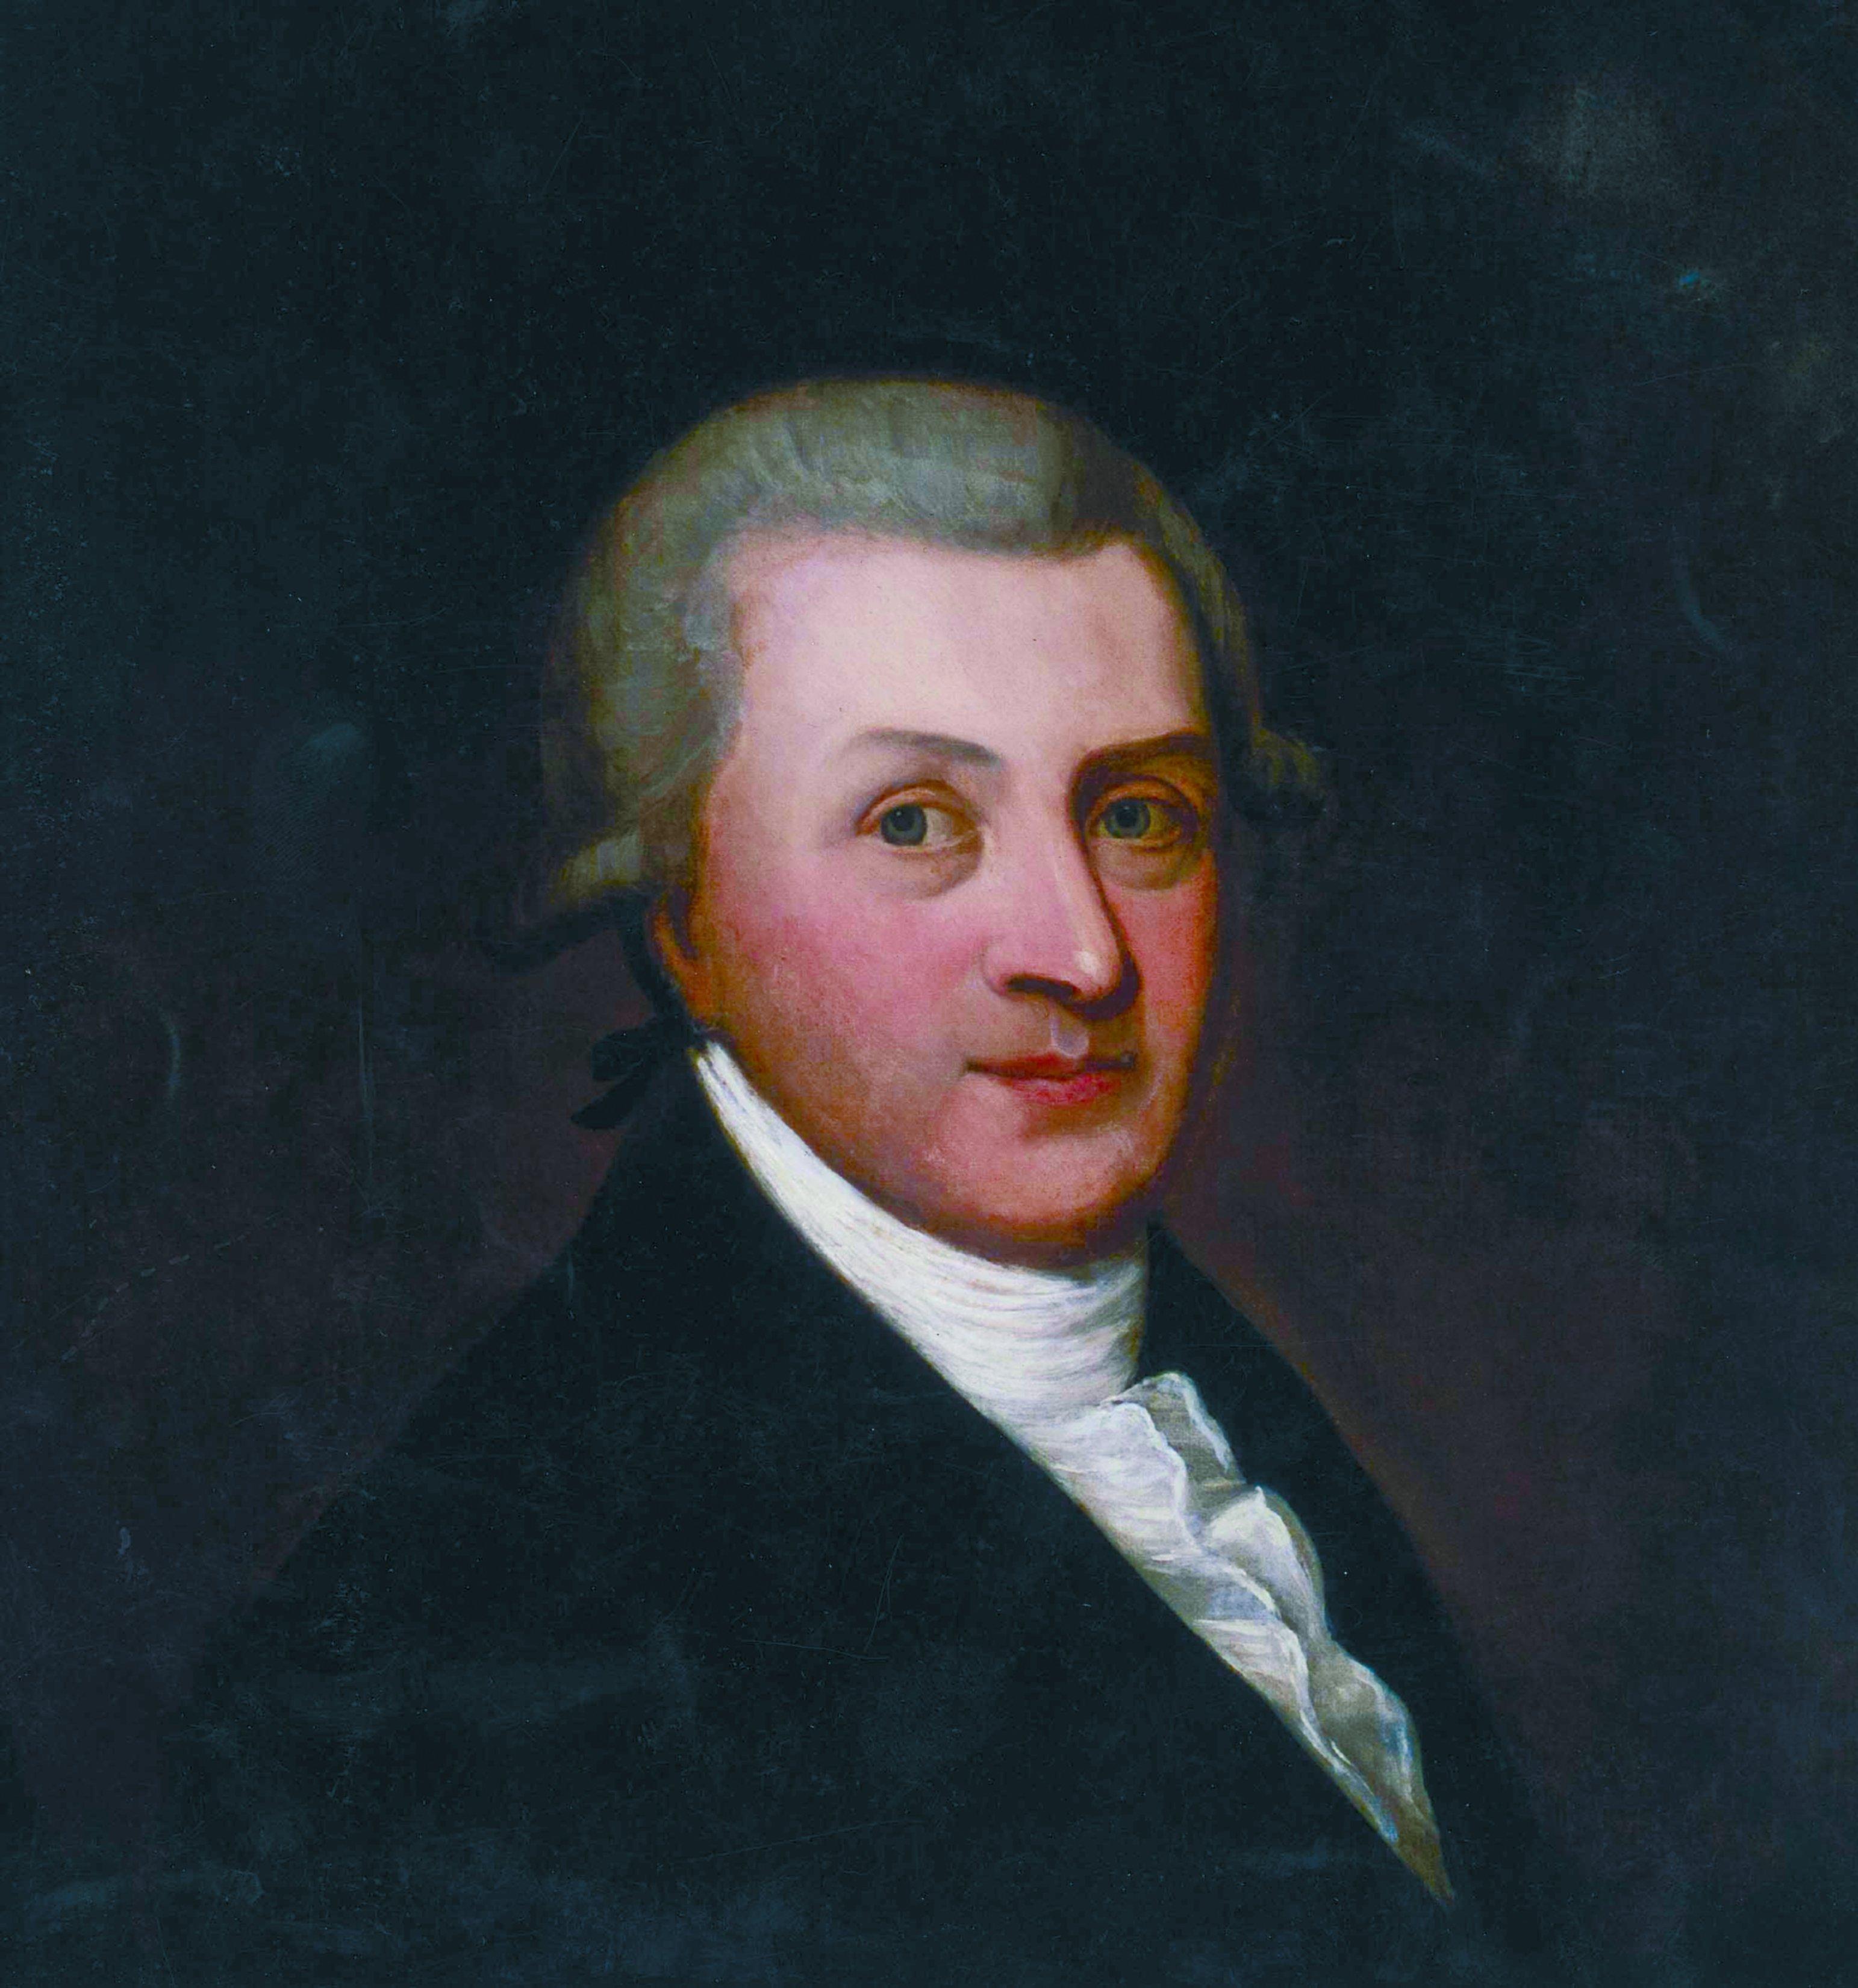 http://upload.wikimedia.org/wikipedia/commons/b/b7/Arthur_Guinness.jpg